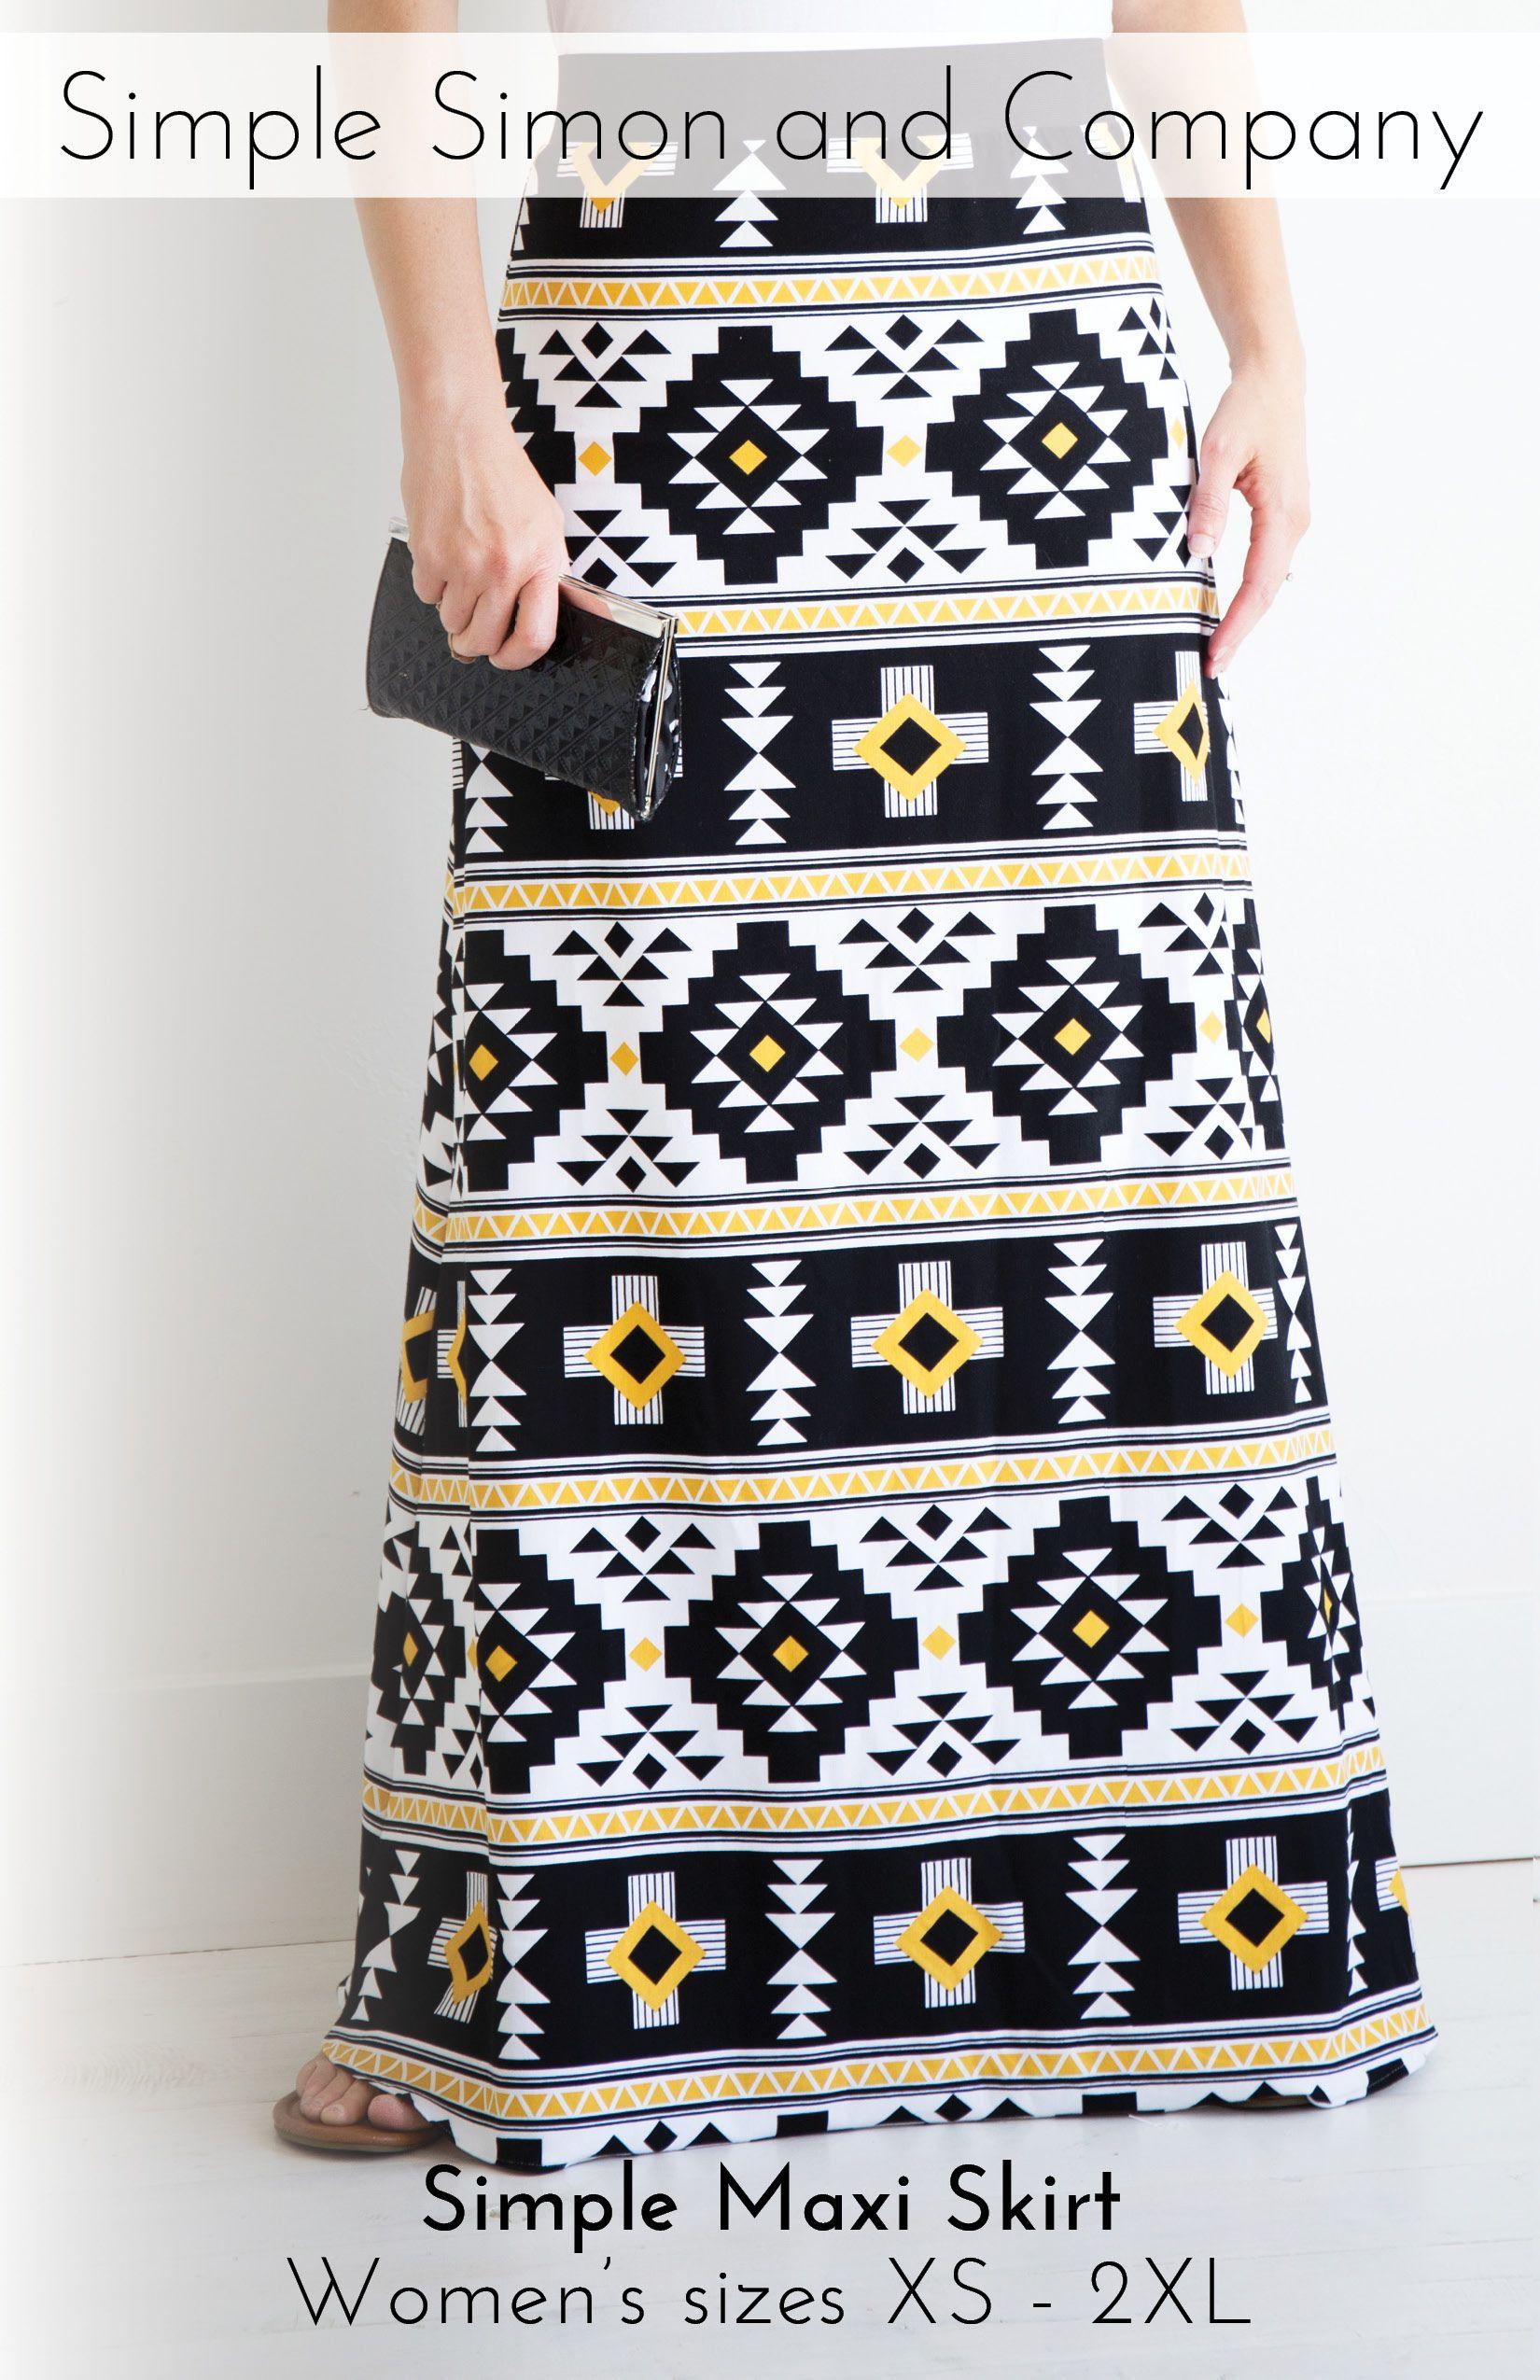 Simple maxi skirt pdf pattern free riley blake jersey knits simple maxi skirt pdf pattern free bankloansurffo Images